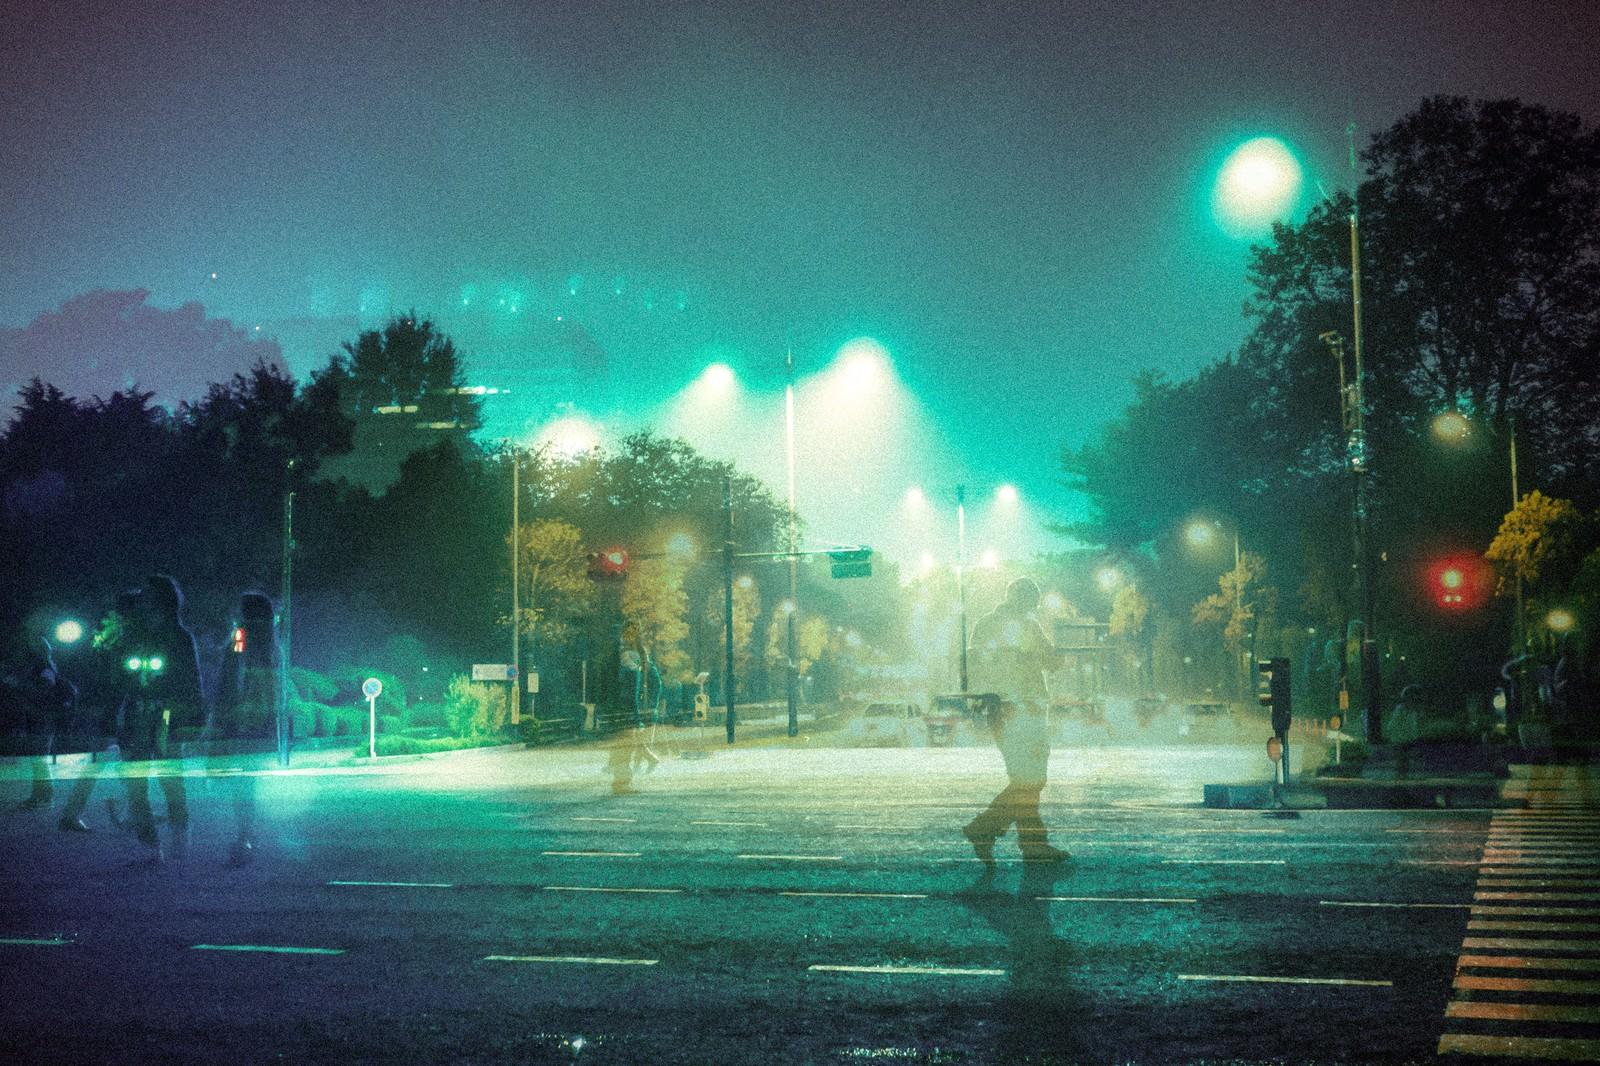 「徘徊する人と深夜の街(フォトモンタージュ)」の写真